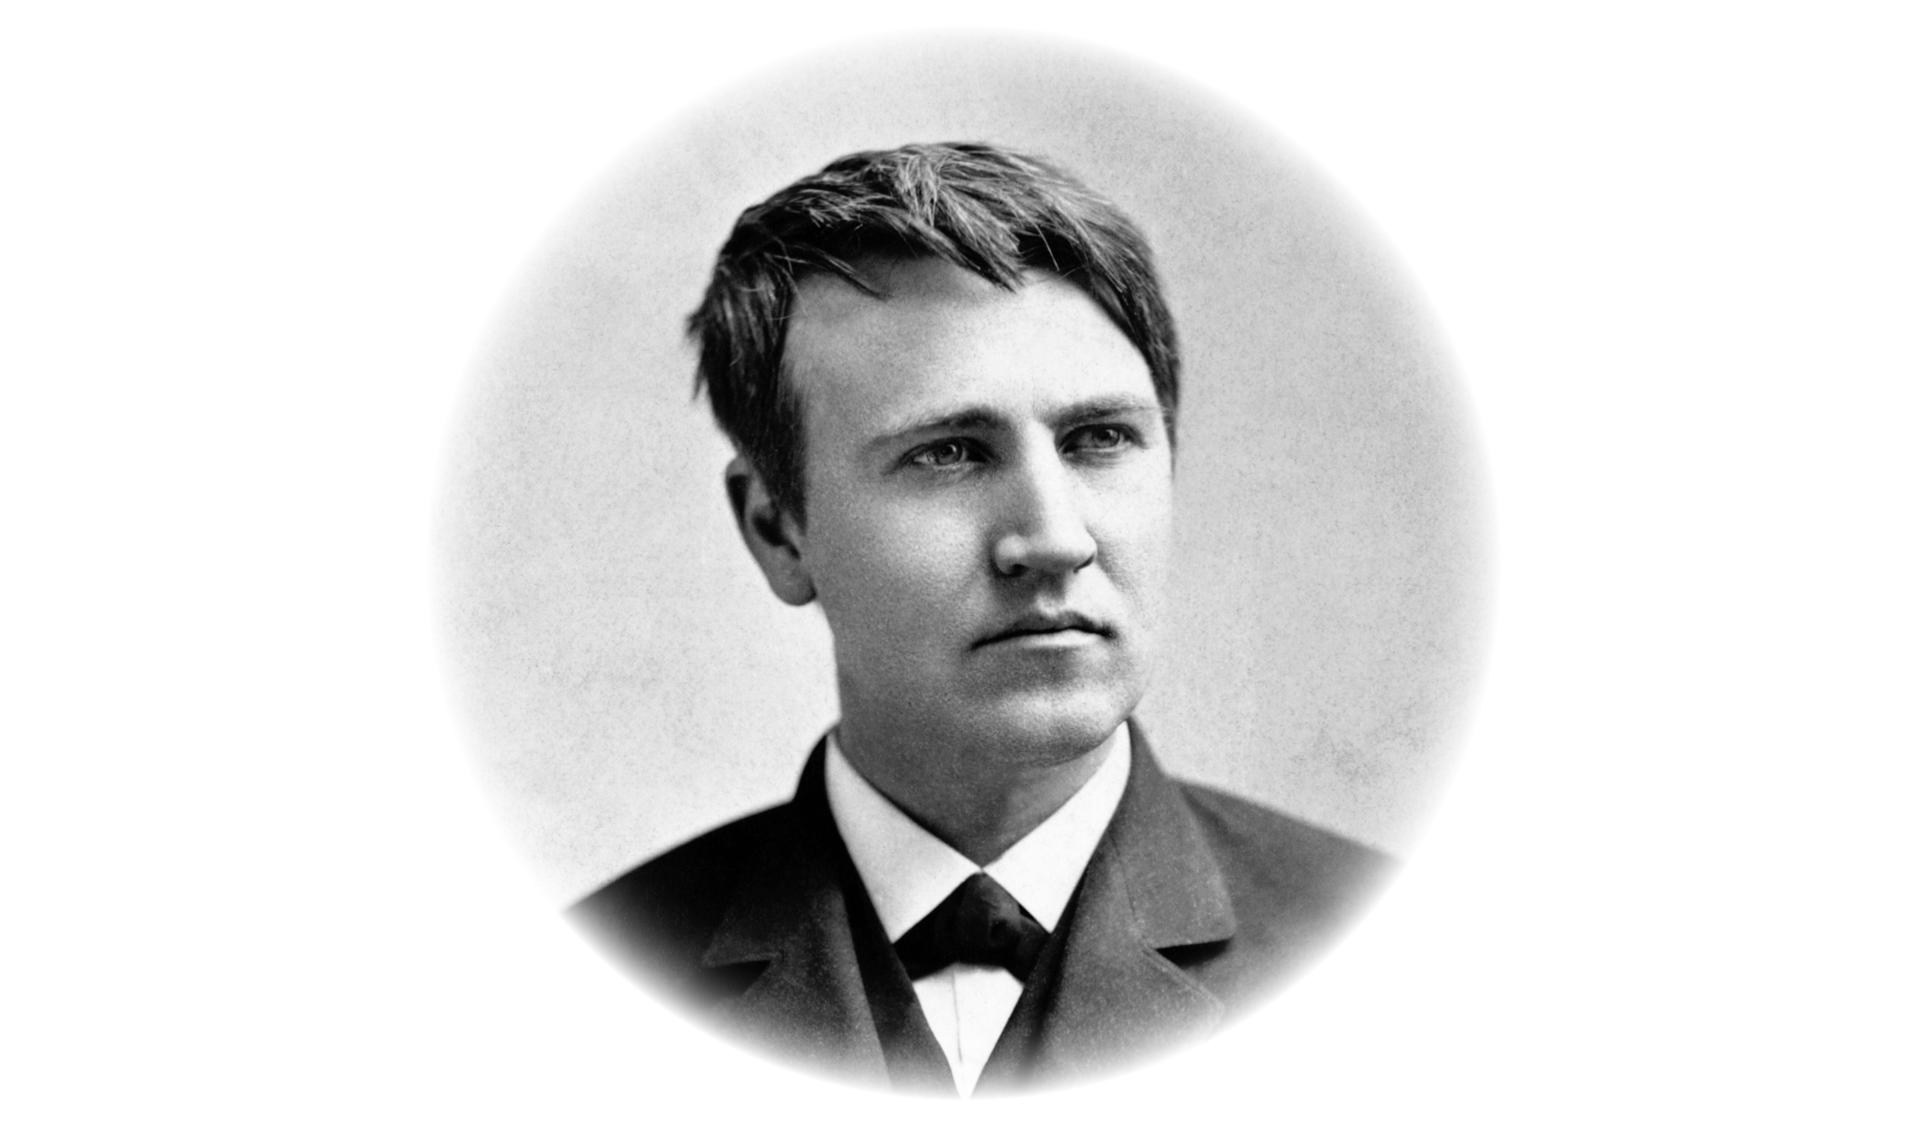 Thomas Edison, Circa 1870s